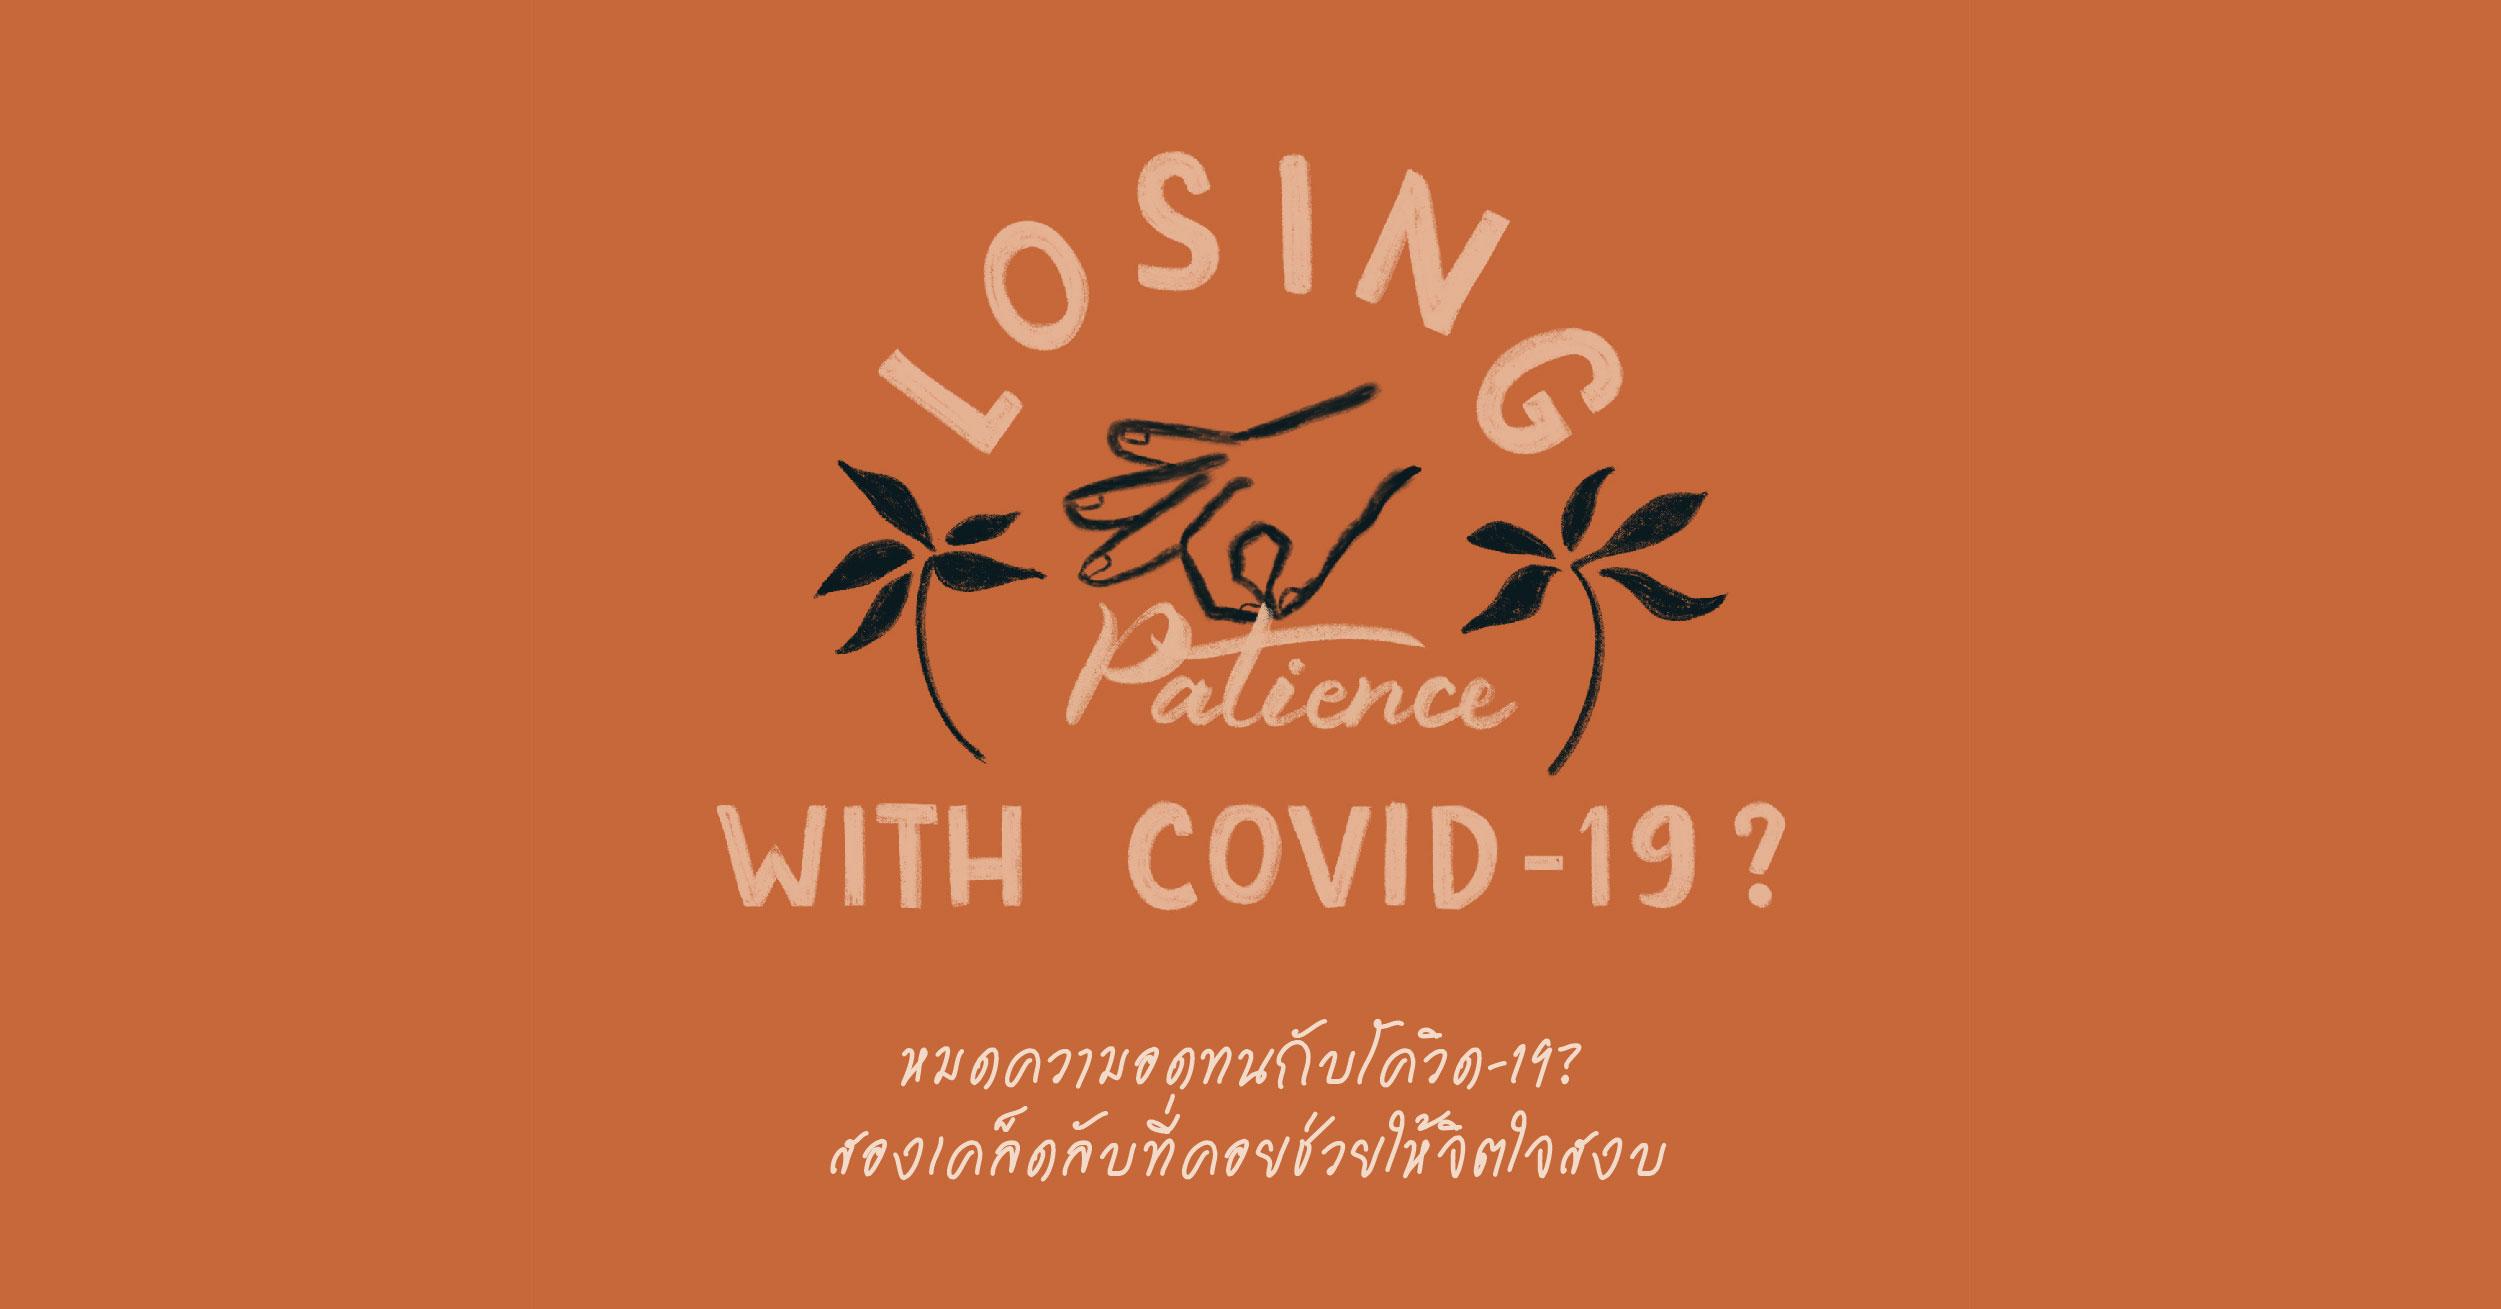 หมดความอดทนกับโควิด-19? สองเคล็ดลับที่คอยช่วยให้จิตใจสงบ